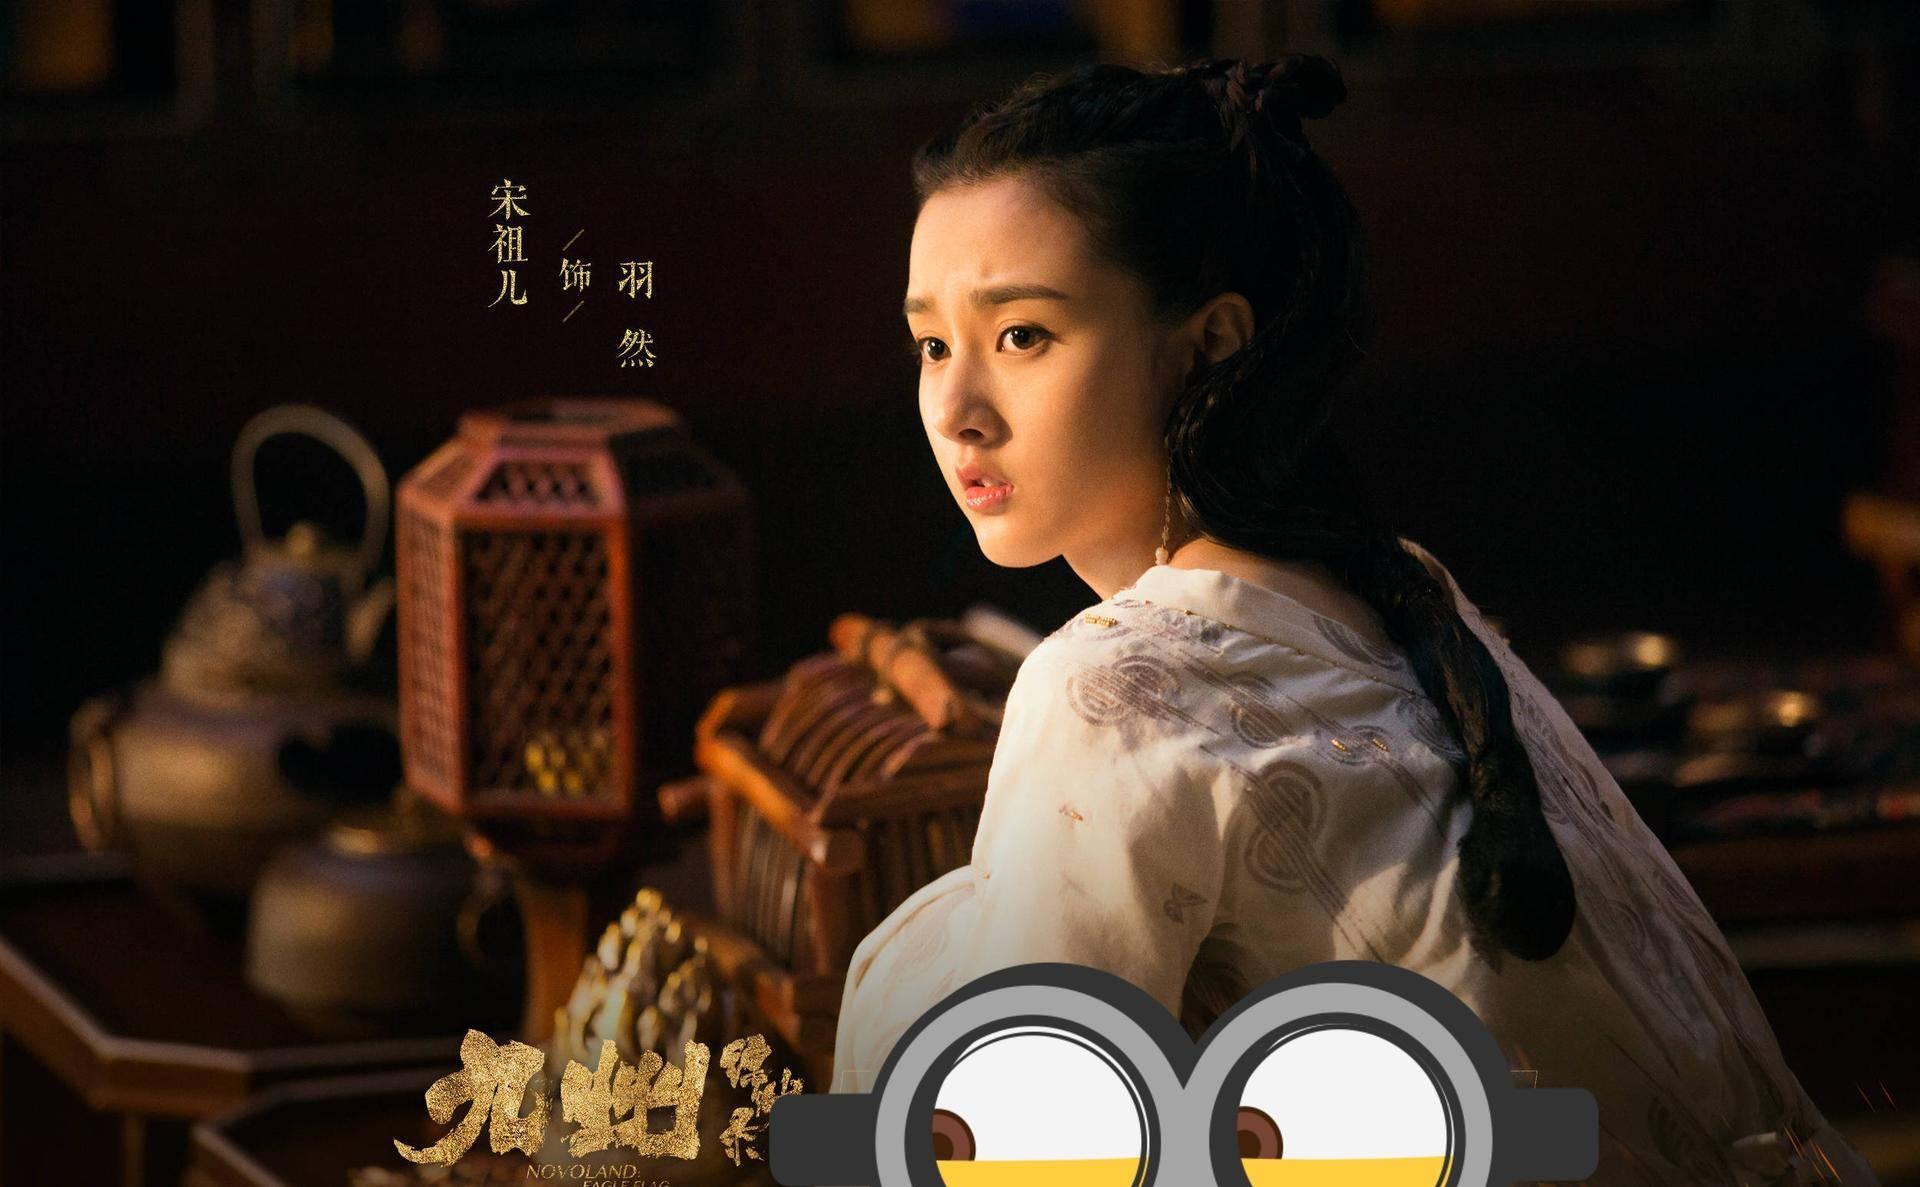 刘昊然《缥缈录》介质事件后确定复播!邓伦《封天》即将再发布?